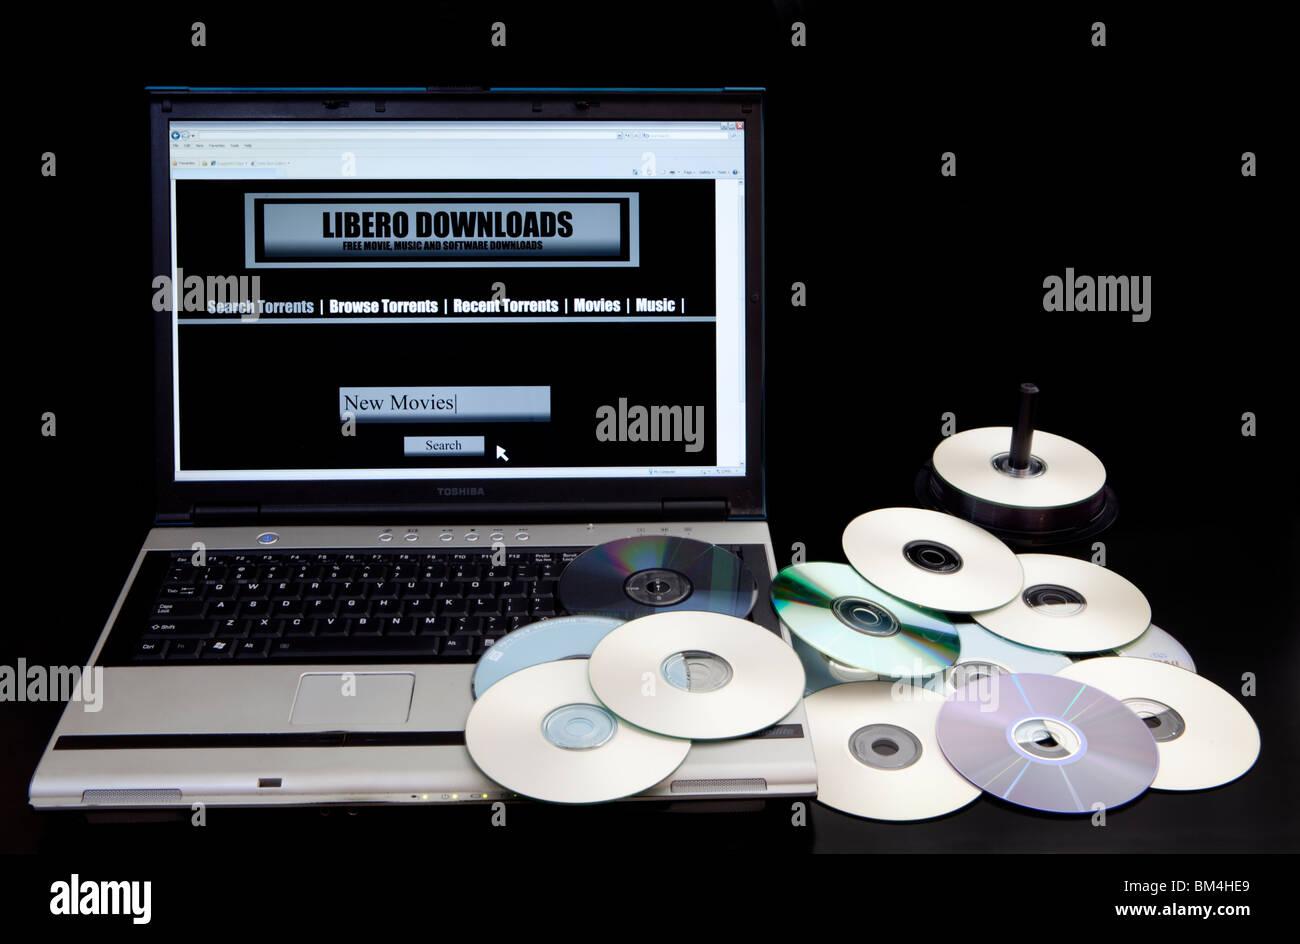 Sitio web de descarga ilegal y sitio de bittorrent en un equipo junto a un montón de copiado DVD. Imagen De Stock